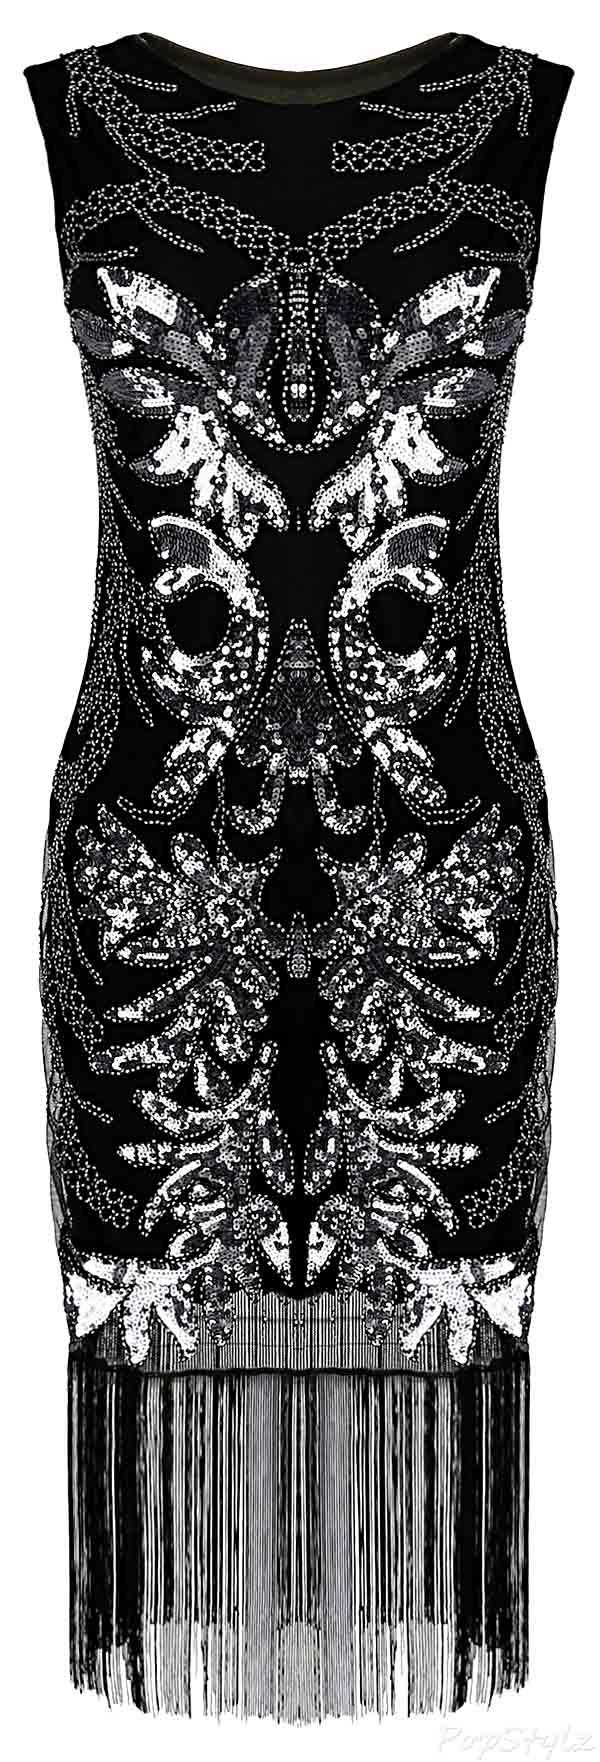 PrettyGuide 1920's Sequins & Beads Gatsby Flapper Dress